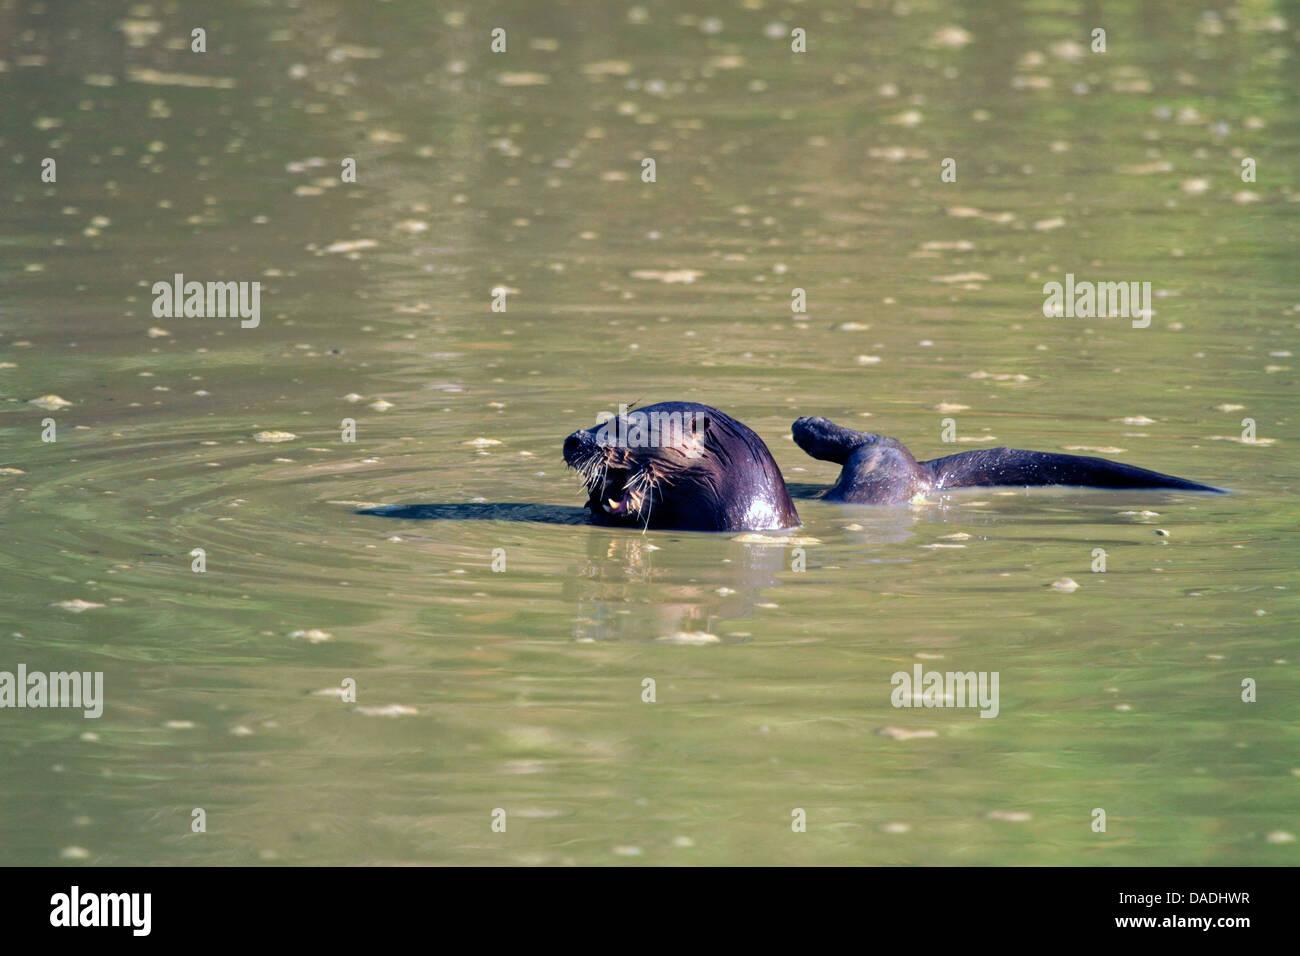 La loutre néotropicale néotropicale, la loutre de rivière (Lontra longicaudis), l'alimentation des poissons dans une piscine boueuse, Brésil, Mato Grosso, Pantanal Banque D'Images